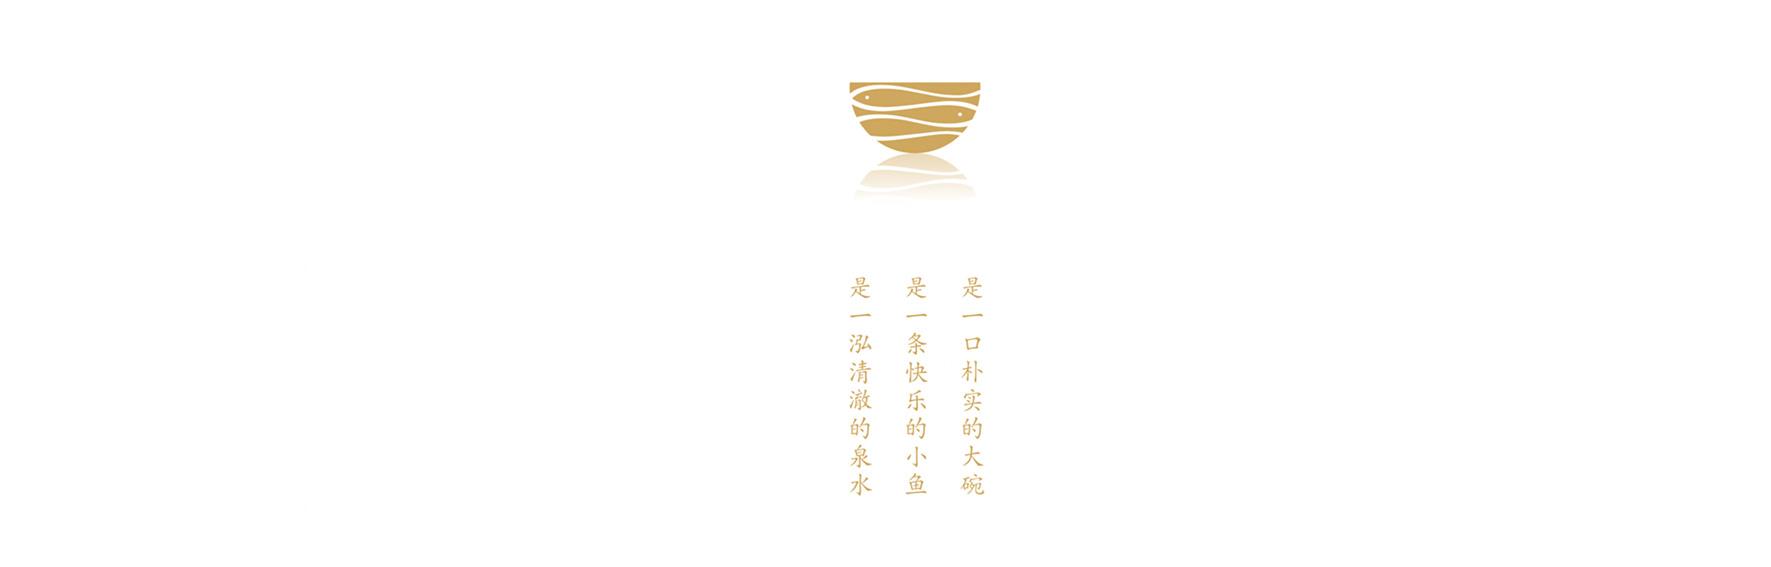 4(映象潇湘)